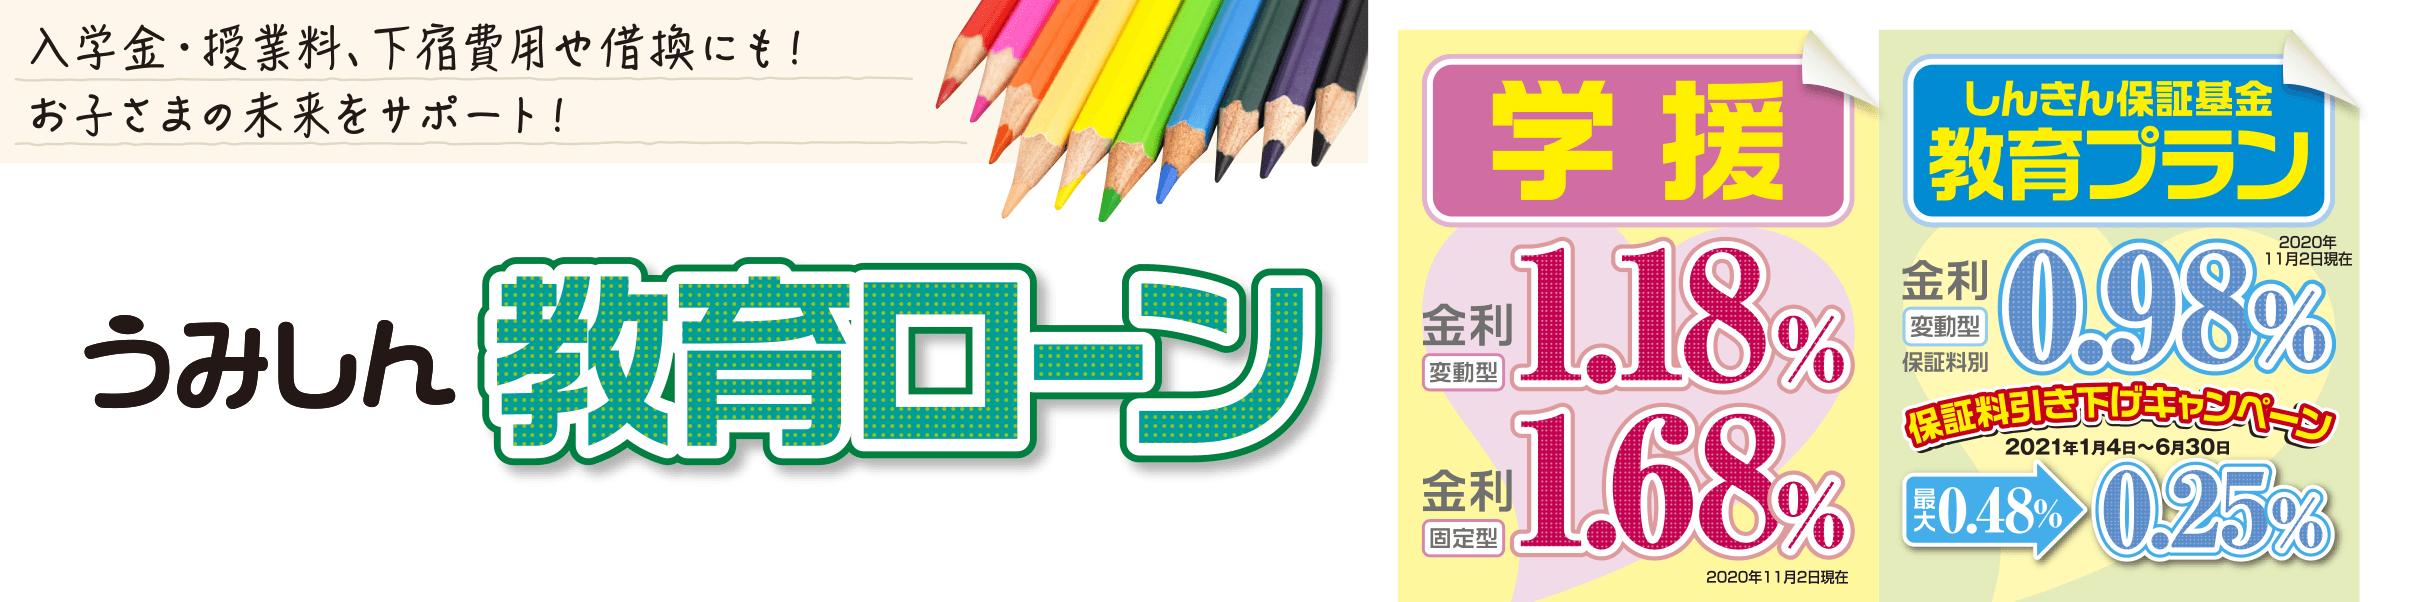 うみしん教育ローンキャンペーン